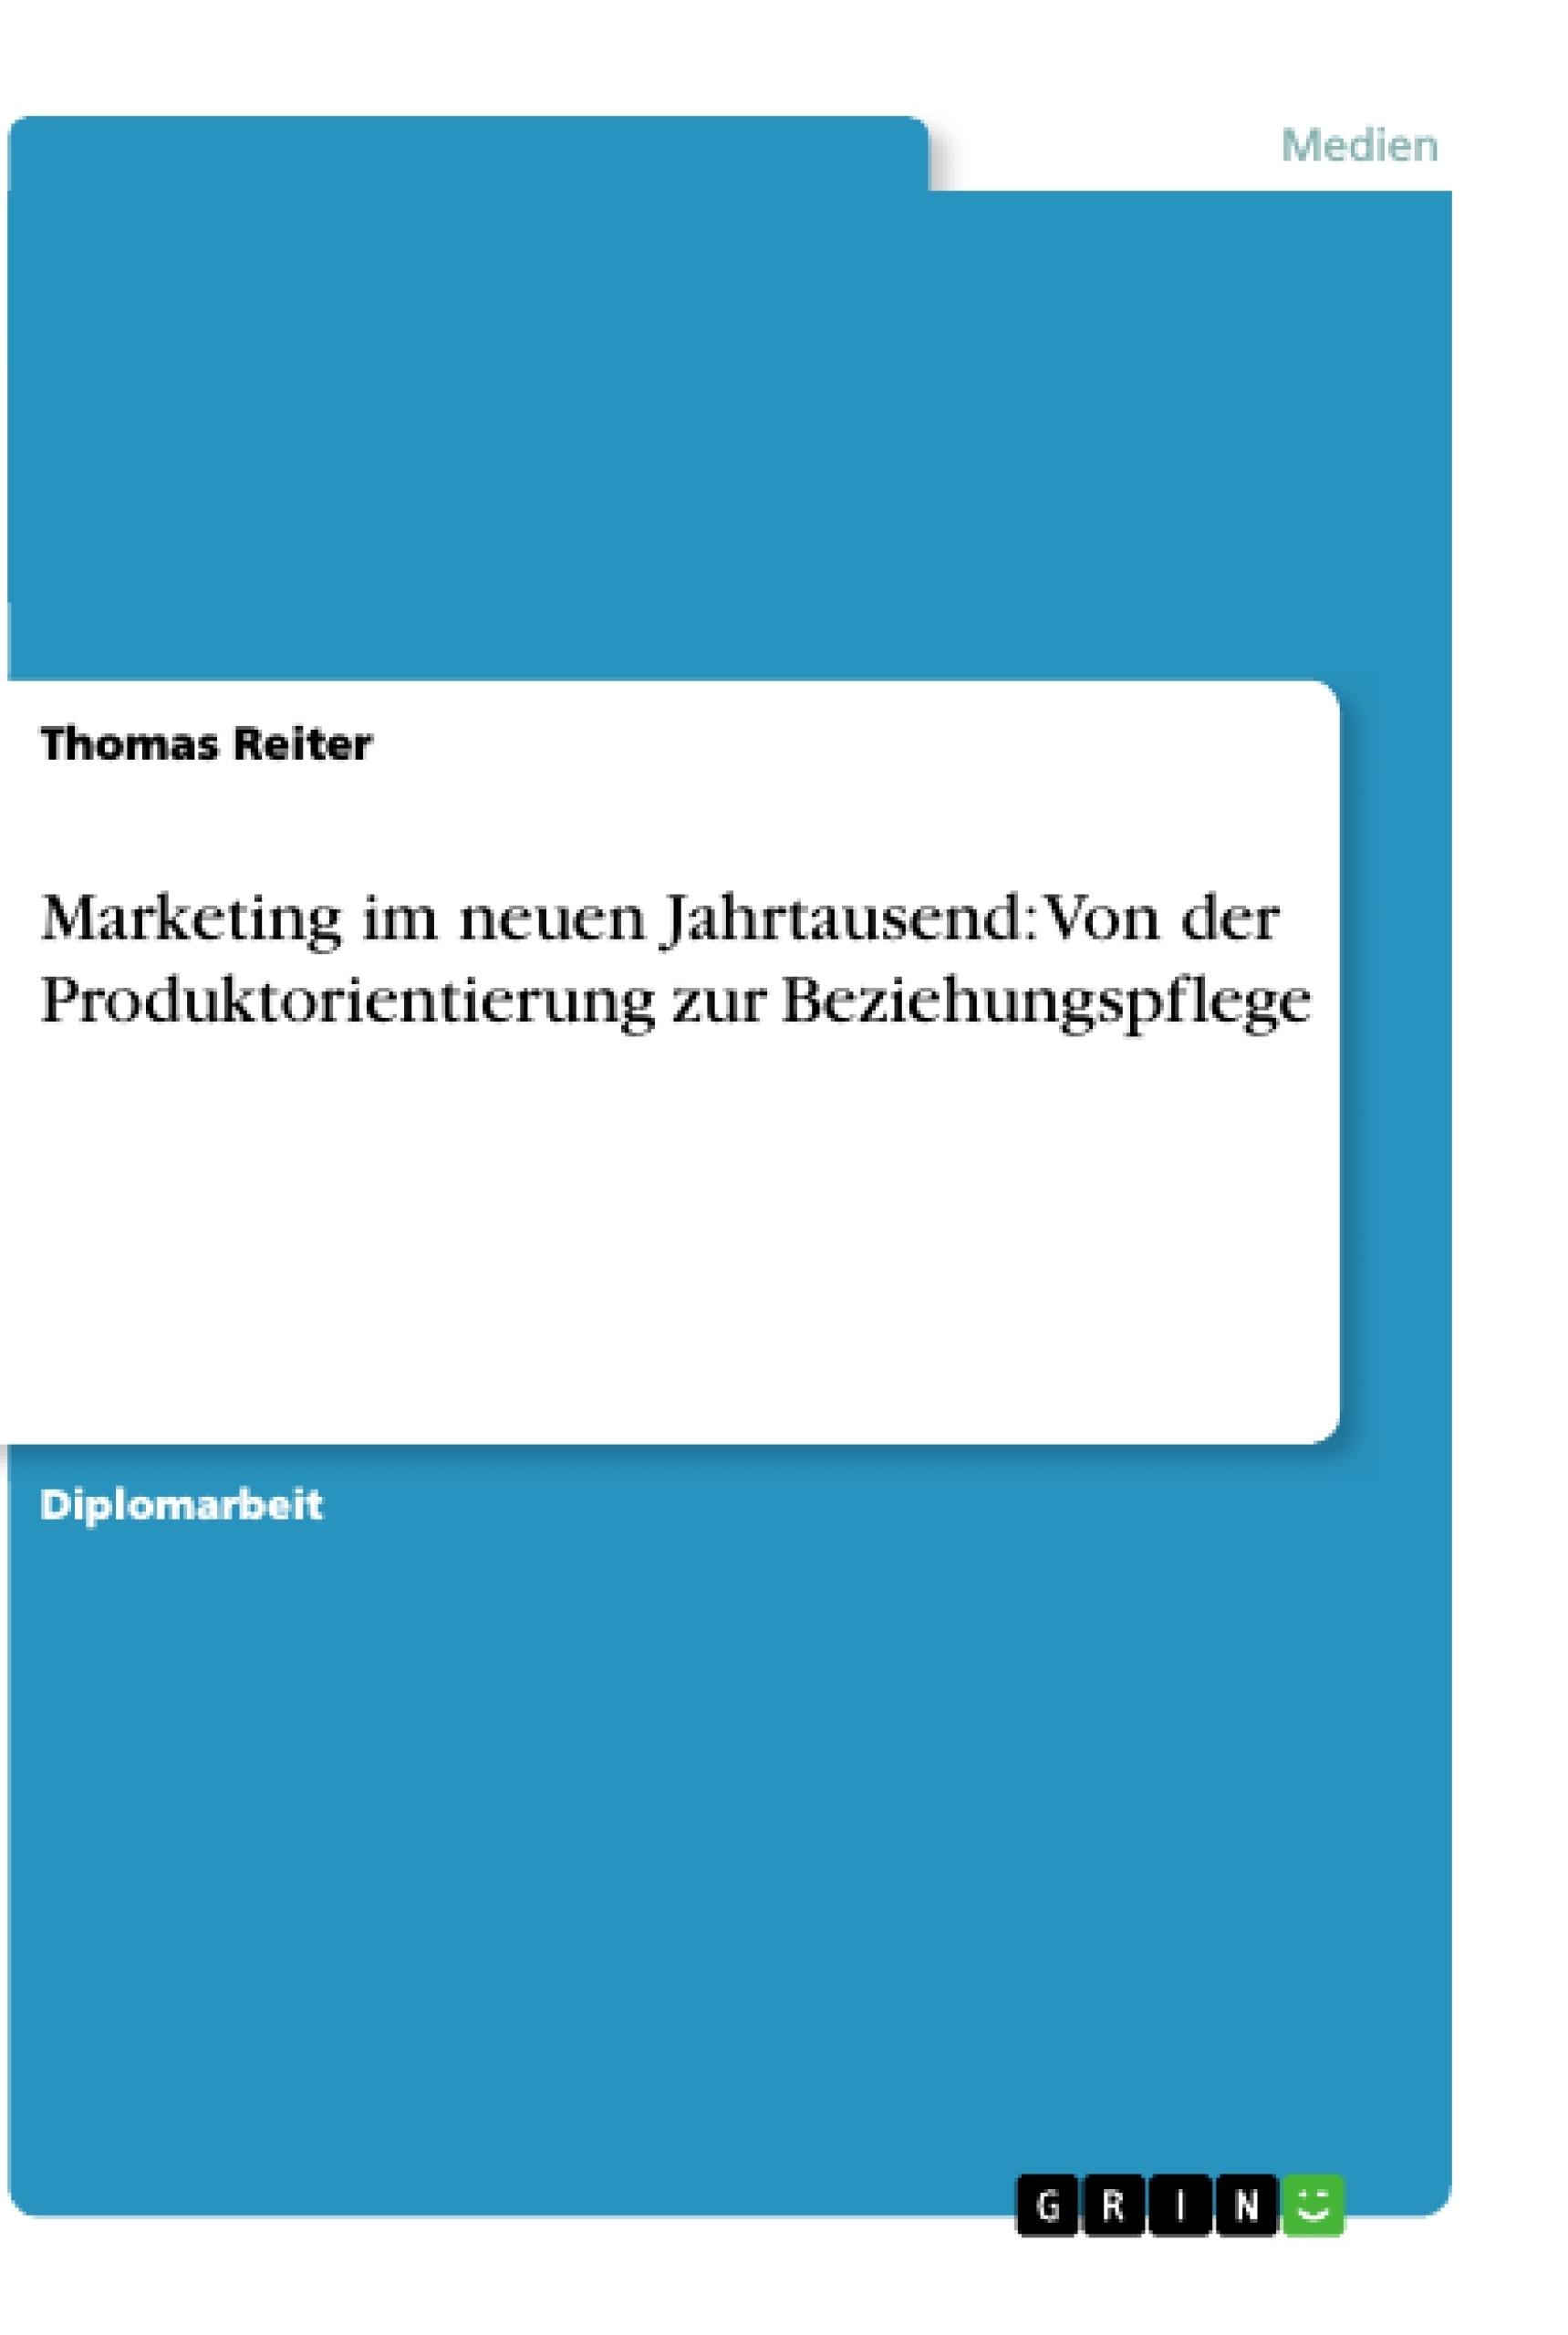 Titel: Marketing im neuen Jahrtausend: Von der Produktorientierung zur Beziehungspflege